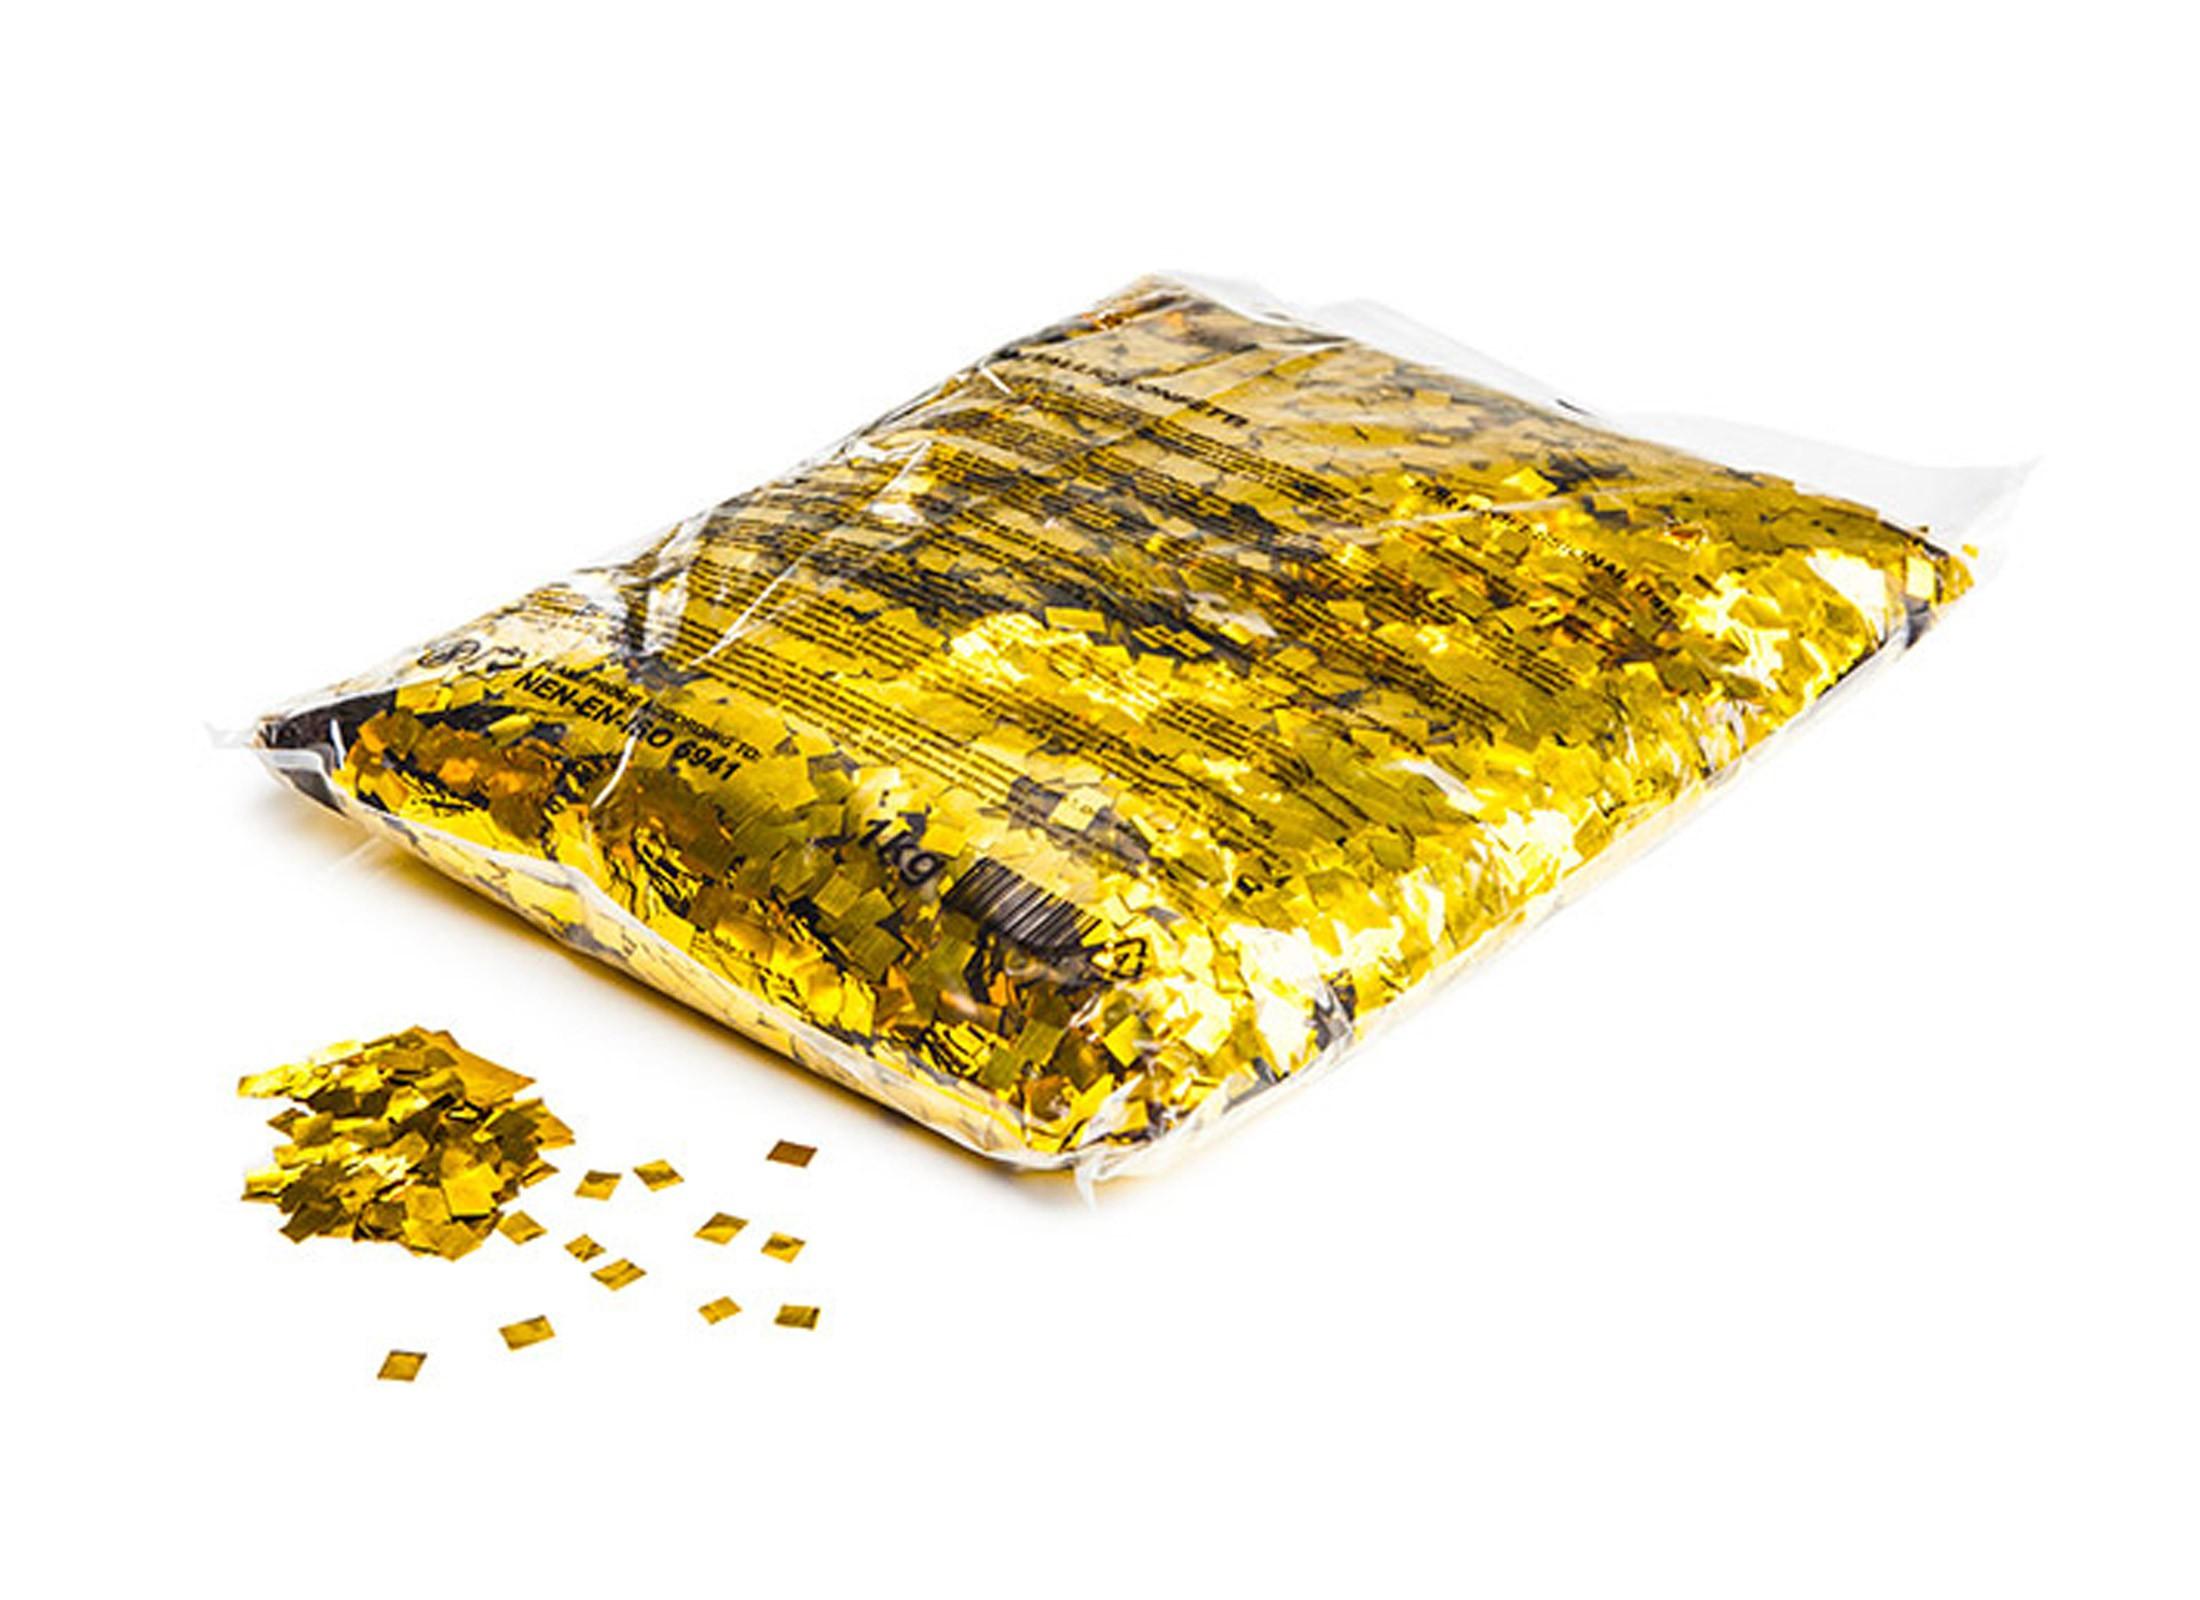 ZuverläSsig Showtec Handheld-streamer 50cm Konfetti-handkanone Gold Metallic